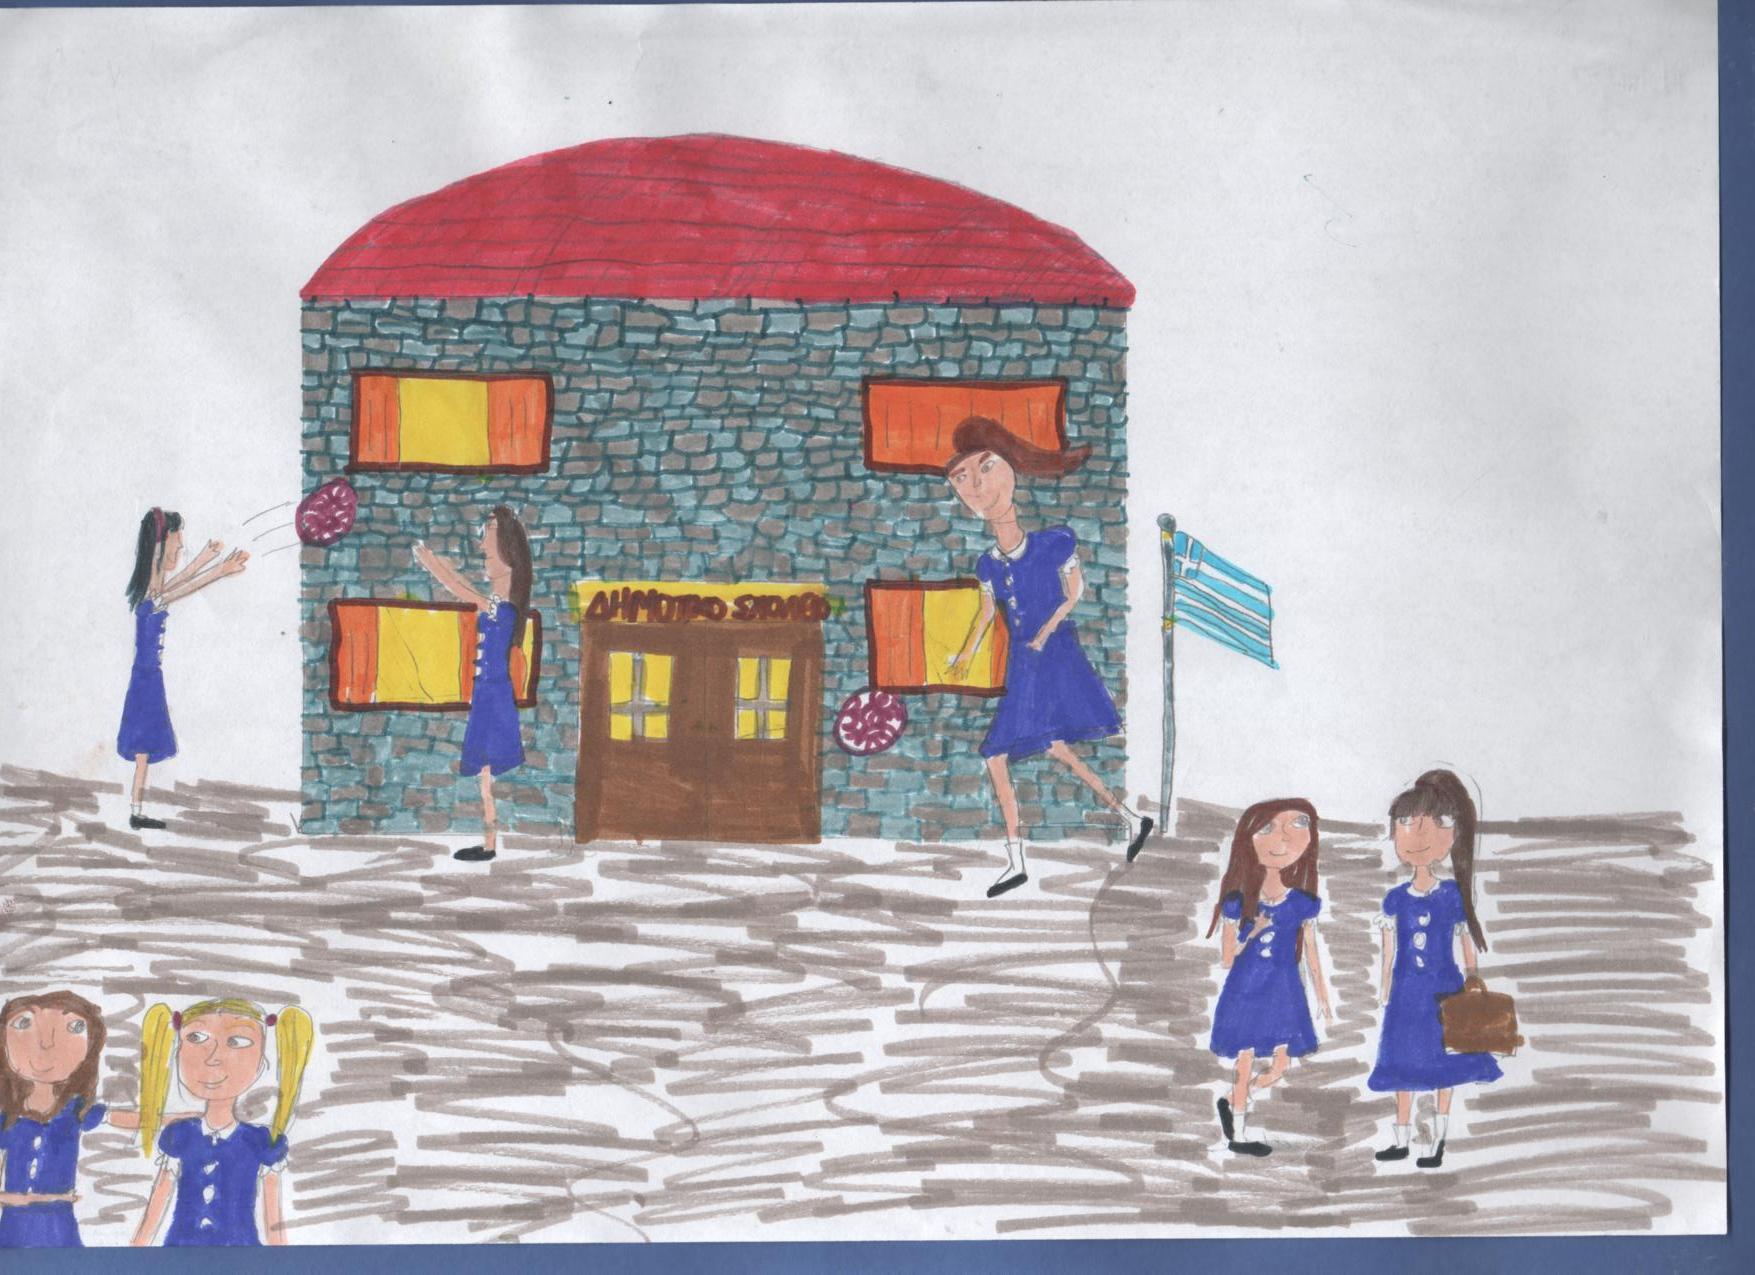 Προσκυνητής: ΠΡΩΤΗ ΜΕΡΑ ΣΤΟ ΣΧΟΛΕΙΟ (ένα ποίημα από τον παλιό καλό καιρό  αφιερωμένο στους μικρούς μαθητές)